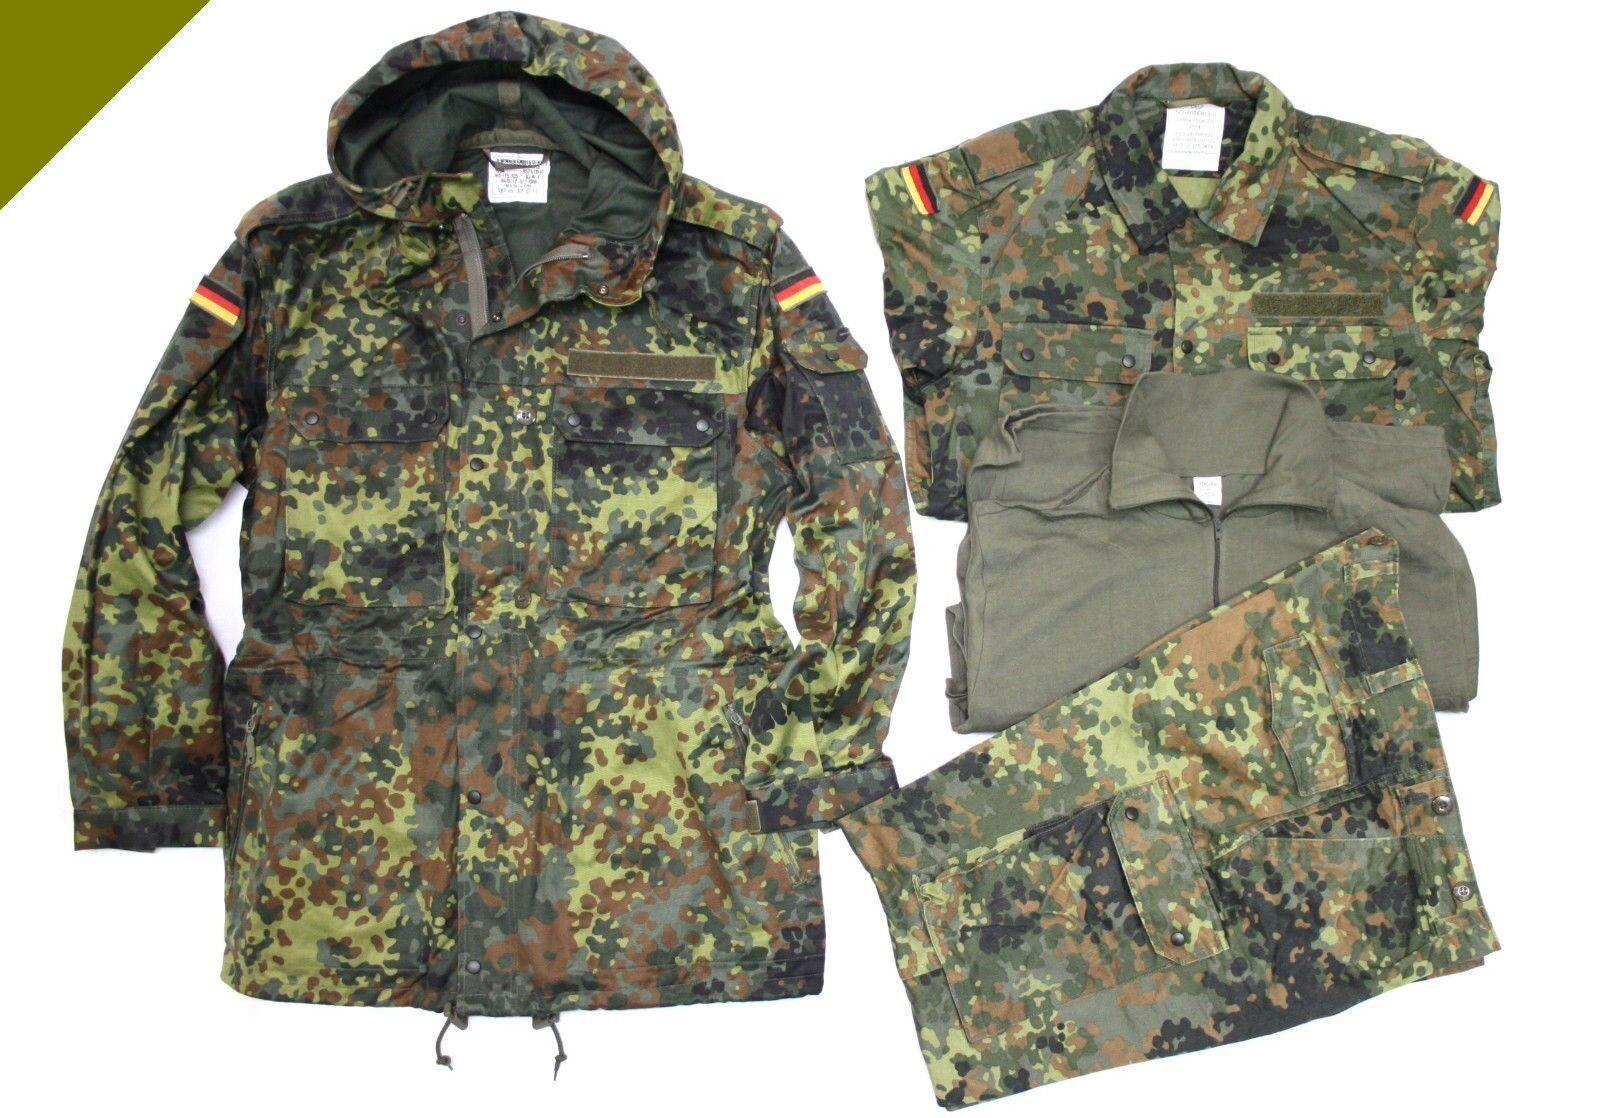 BW Armée Original parka M nourriture Camouflage BW veste tropique OTAN Gotcha